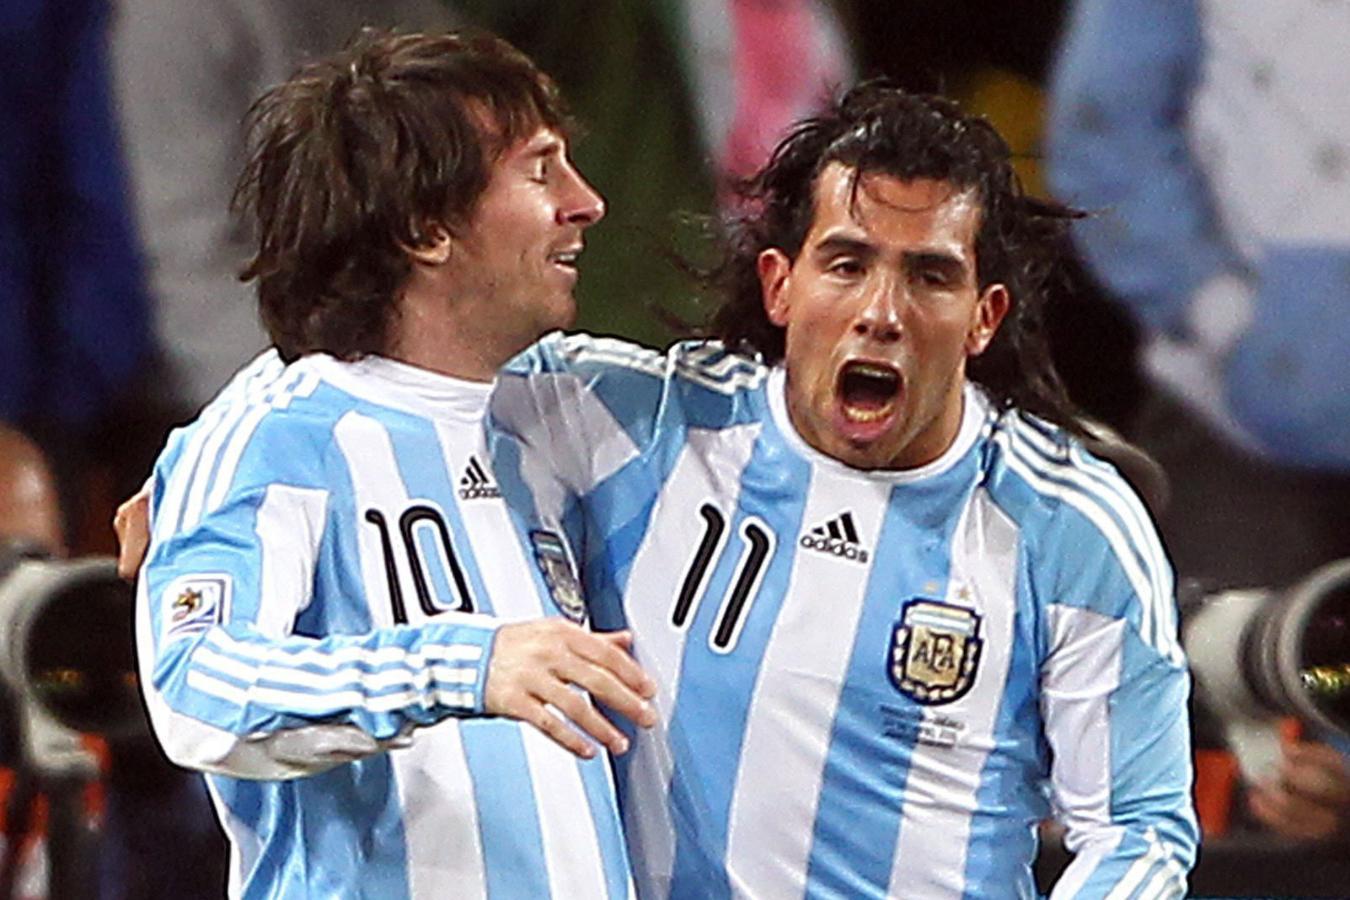 Τέβες: «Χρειαζόμαστε τον Μέσι, είναι η ψυχή της Αργεντινής»